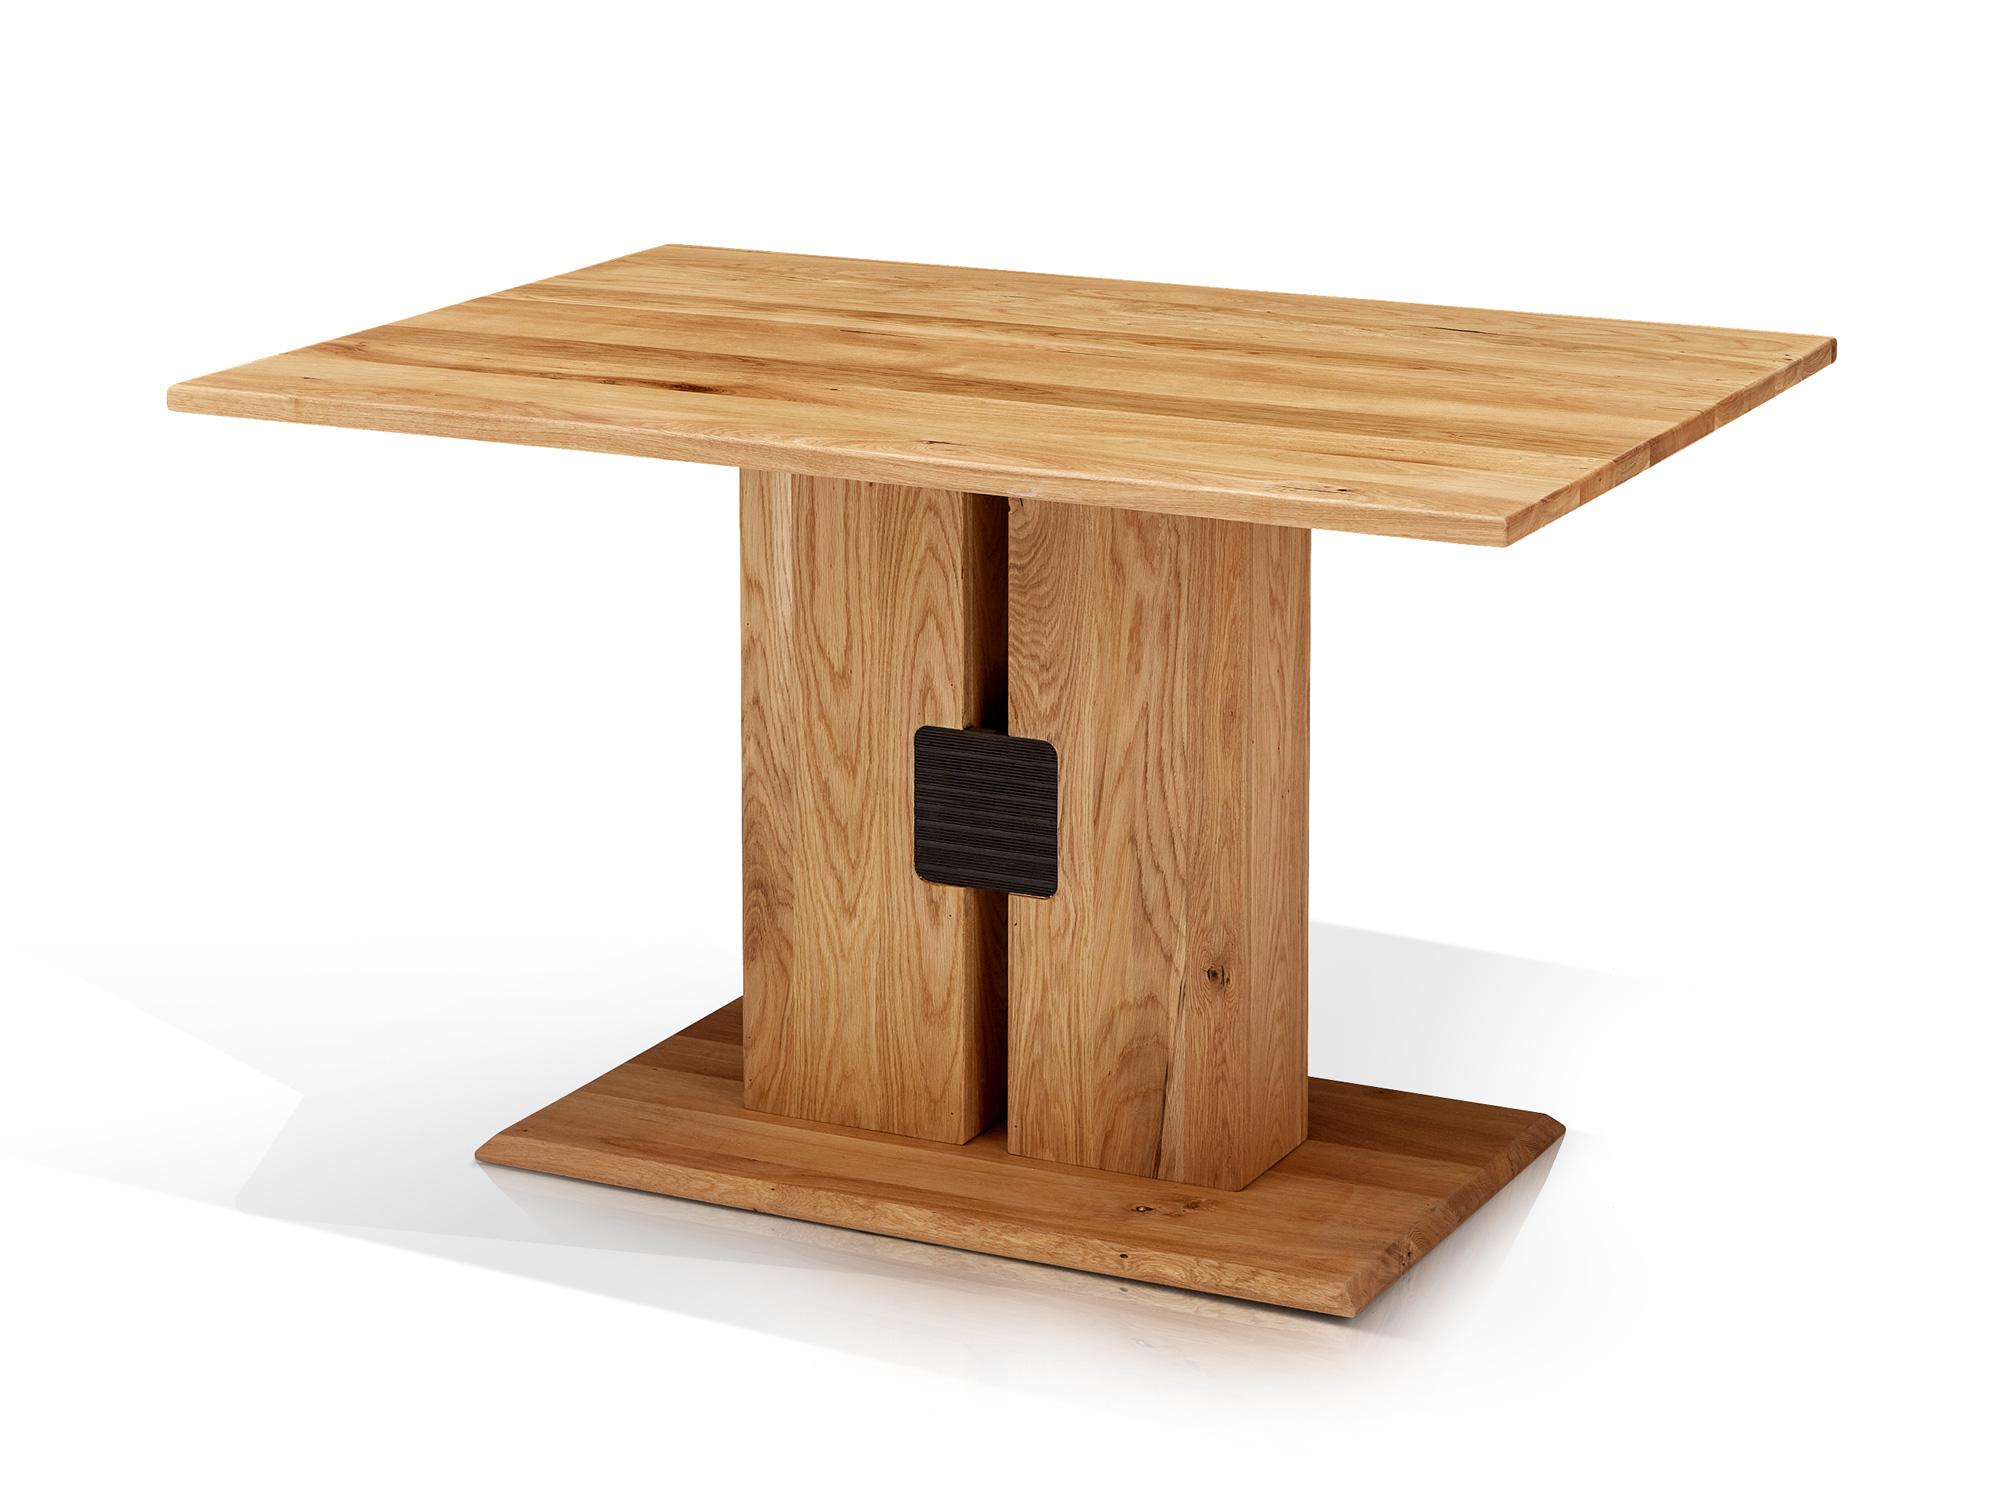 marbel esstisch wildeiche ge lt 130 x 90 cm. Black Bedroom Furniture Sets. Home Design Ideas